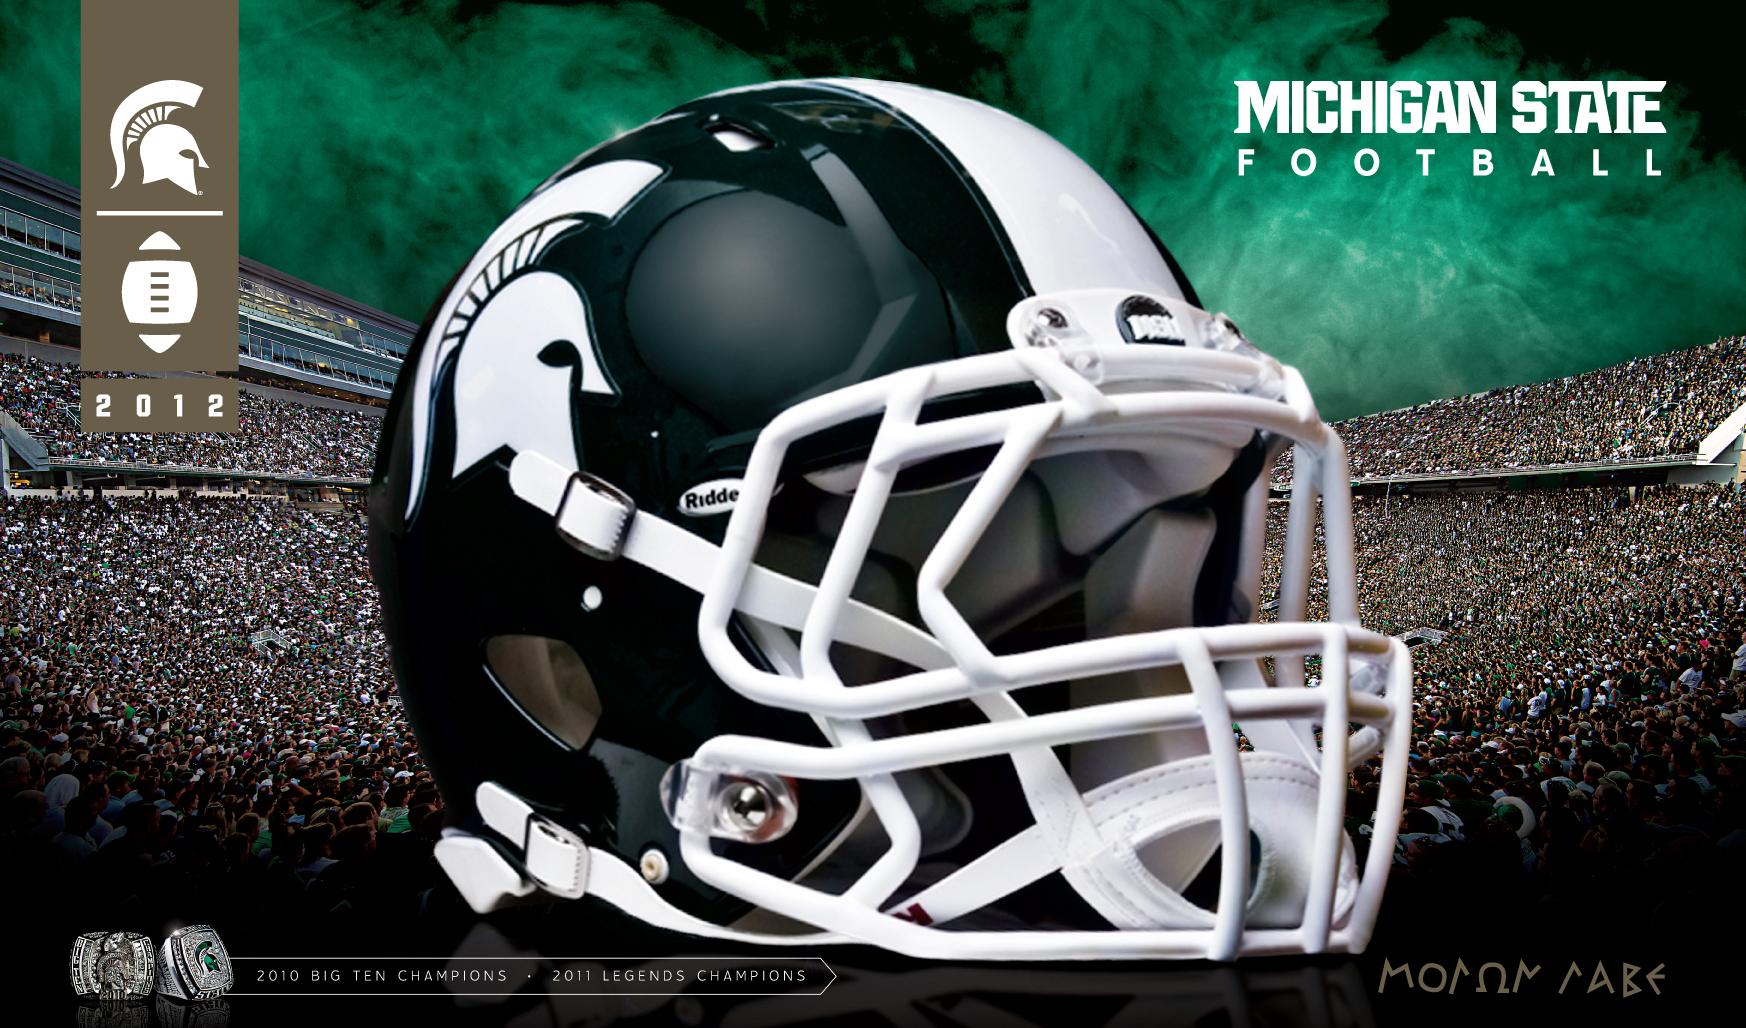 49 Michigan Football Desktop Wallpaper On Wallpapersafari: [49+] MSU Wallpapers Desktop On WallpaperSafari